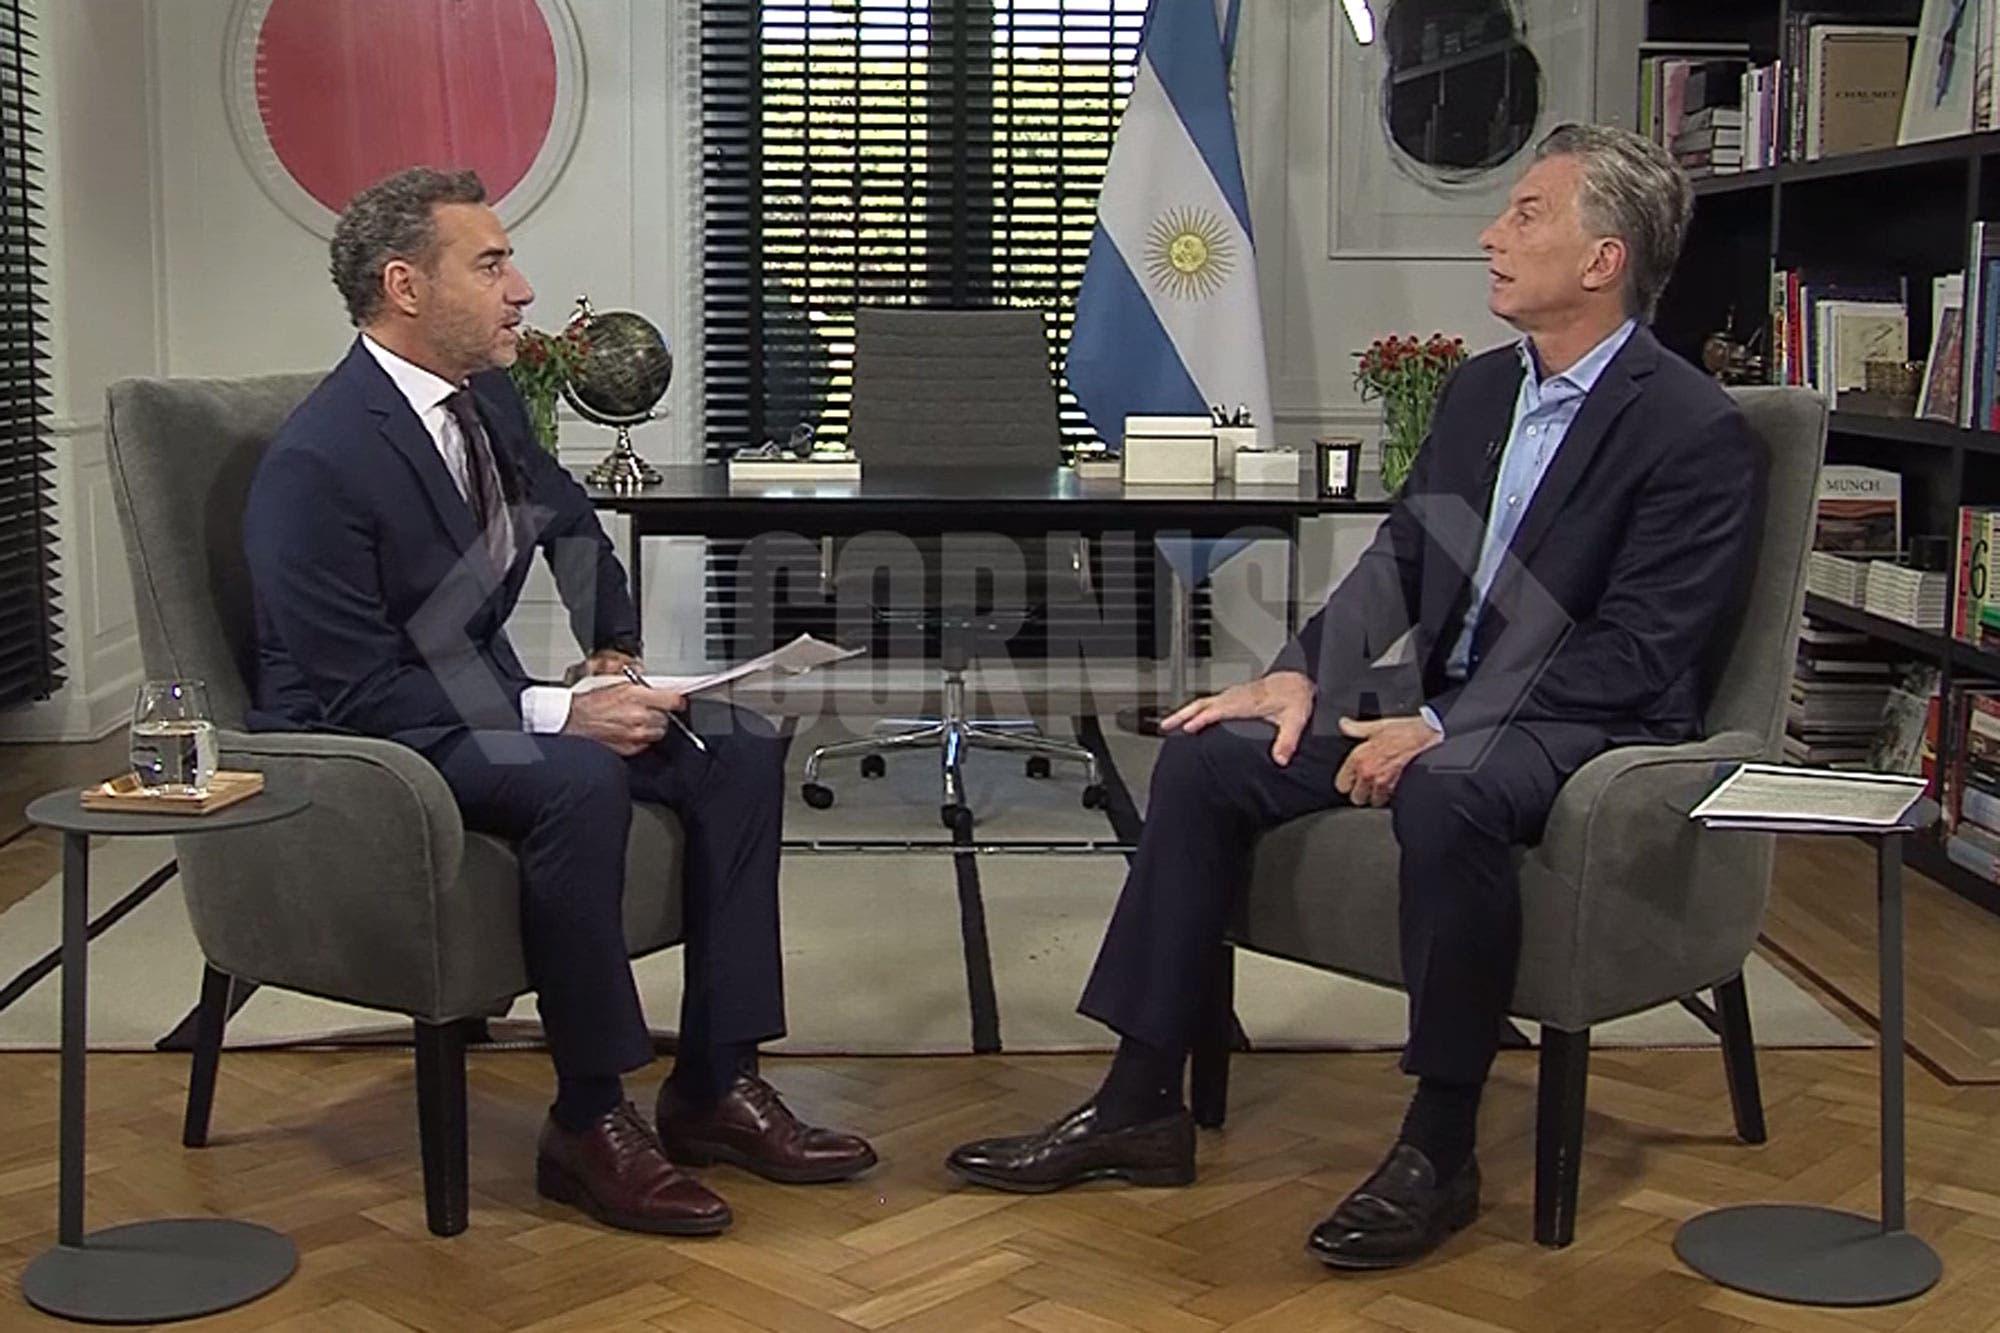 """Mauricio Macri: """"Lavagna tendría que tener más humildad, estuvo en todos los gobiernos anteriores"""""""